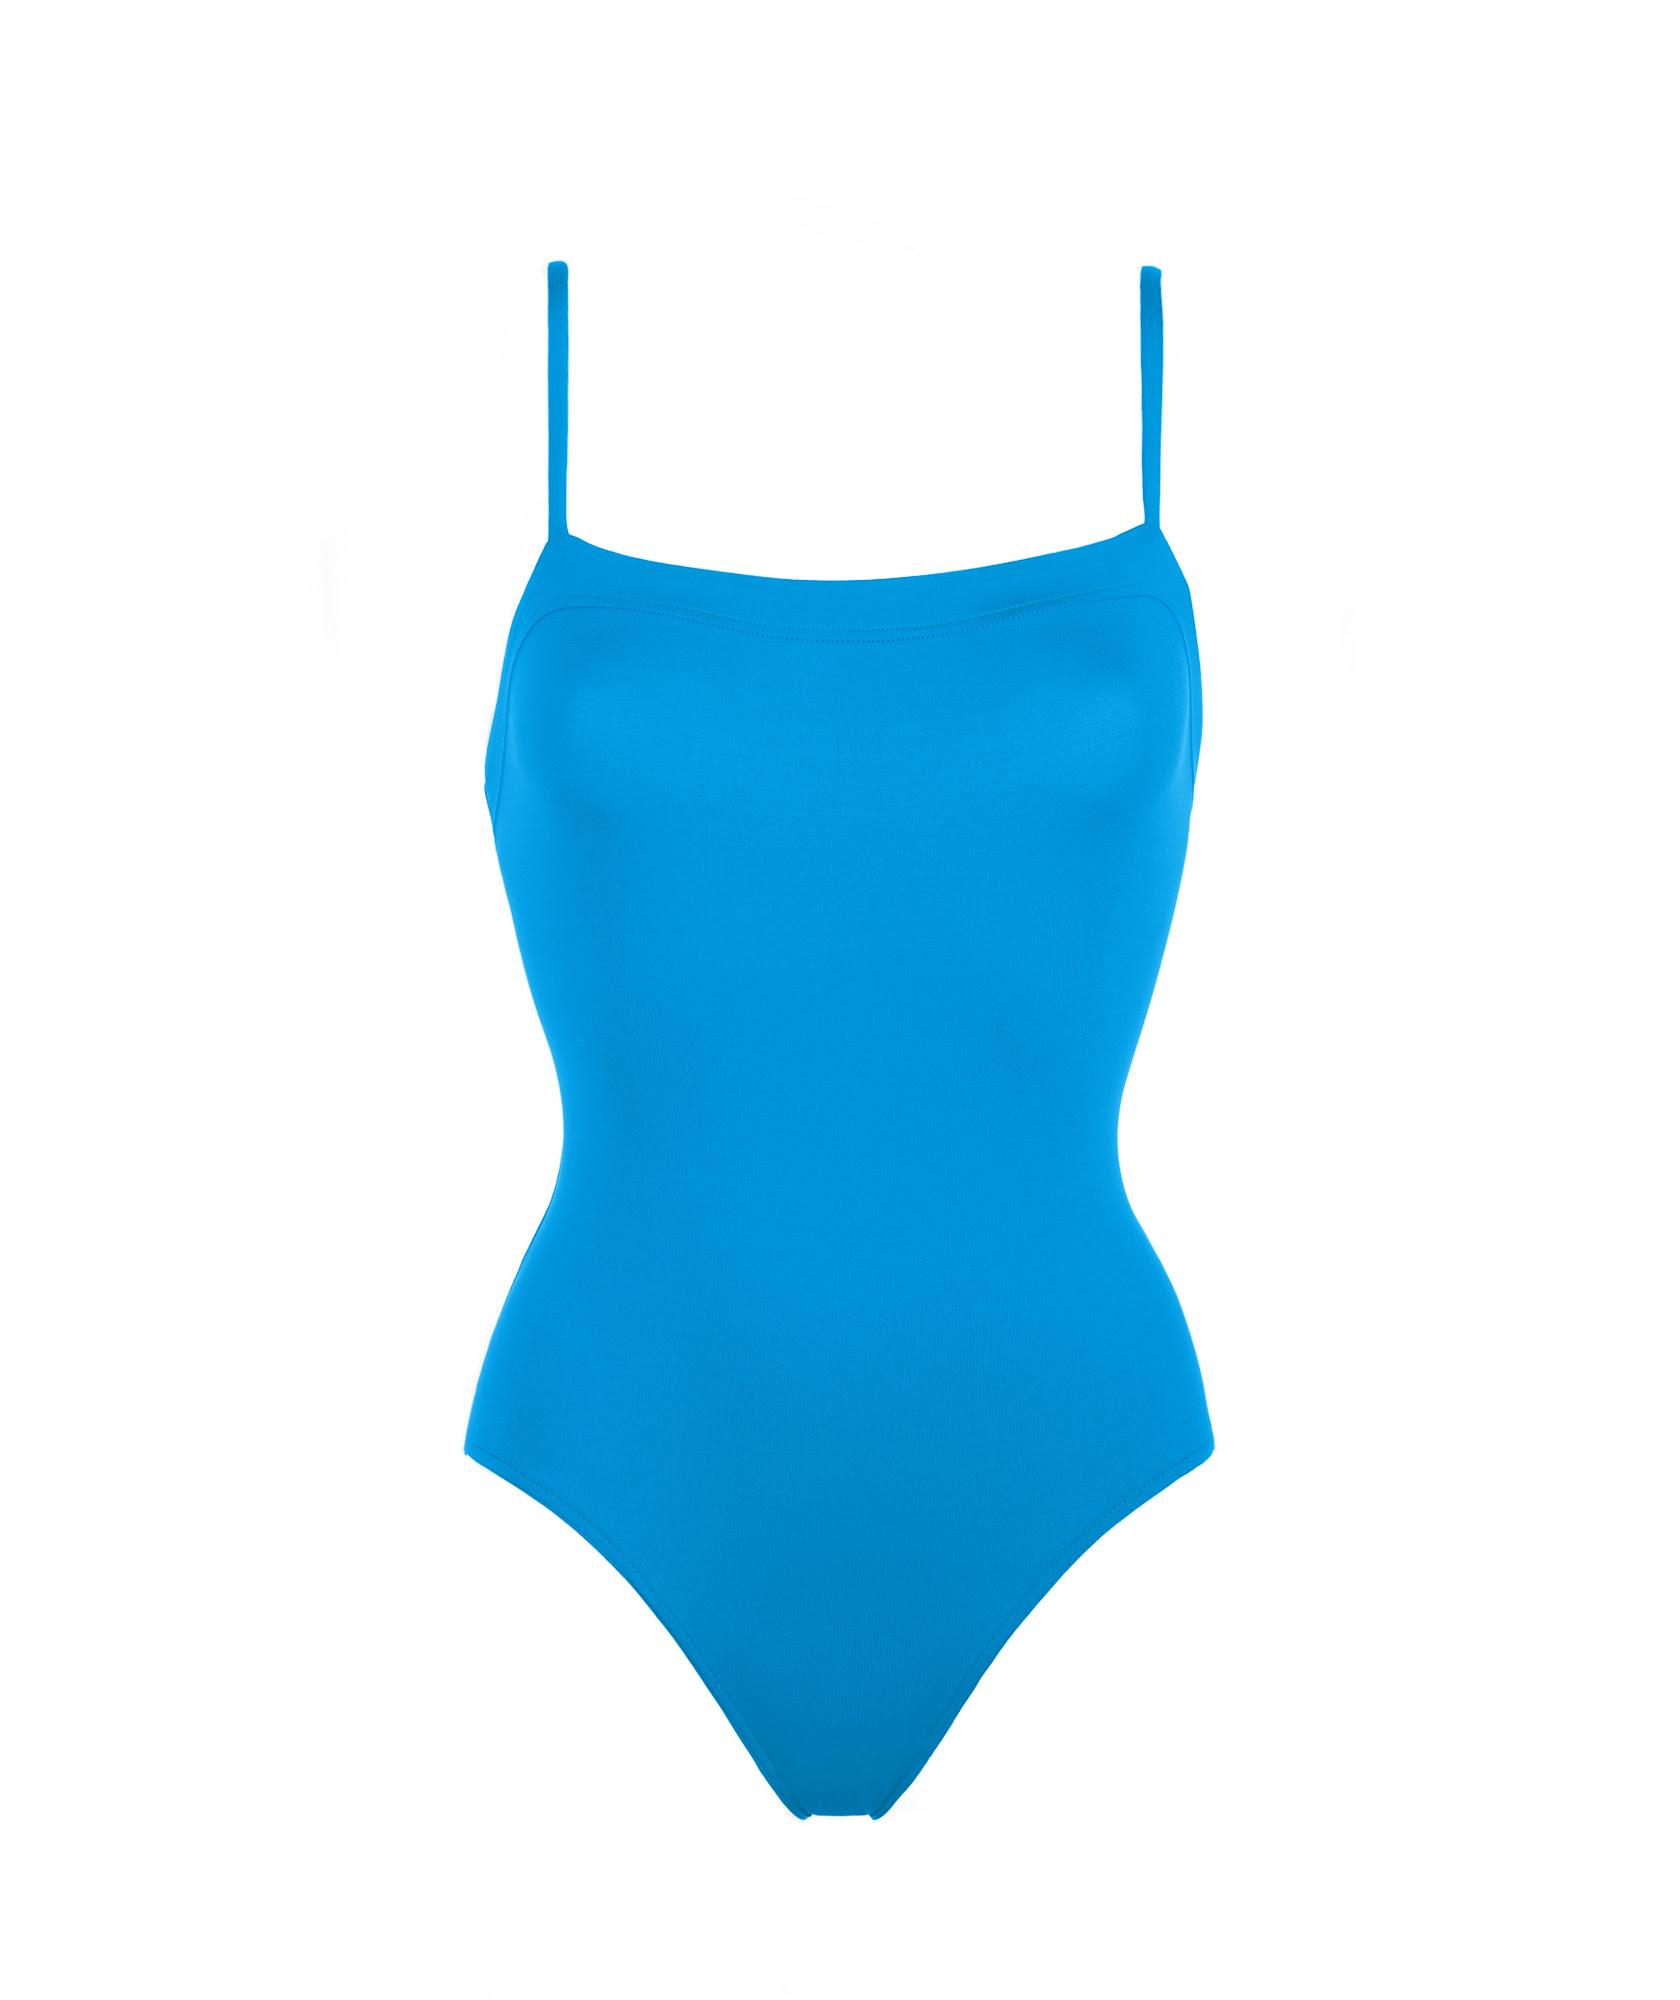 a5585e10 268a 4e23 bdf5 4e6a4a2032d4 - Eres y Bonpoint colaboran en una colección de  ropa de baño para niñas y madres